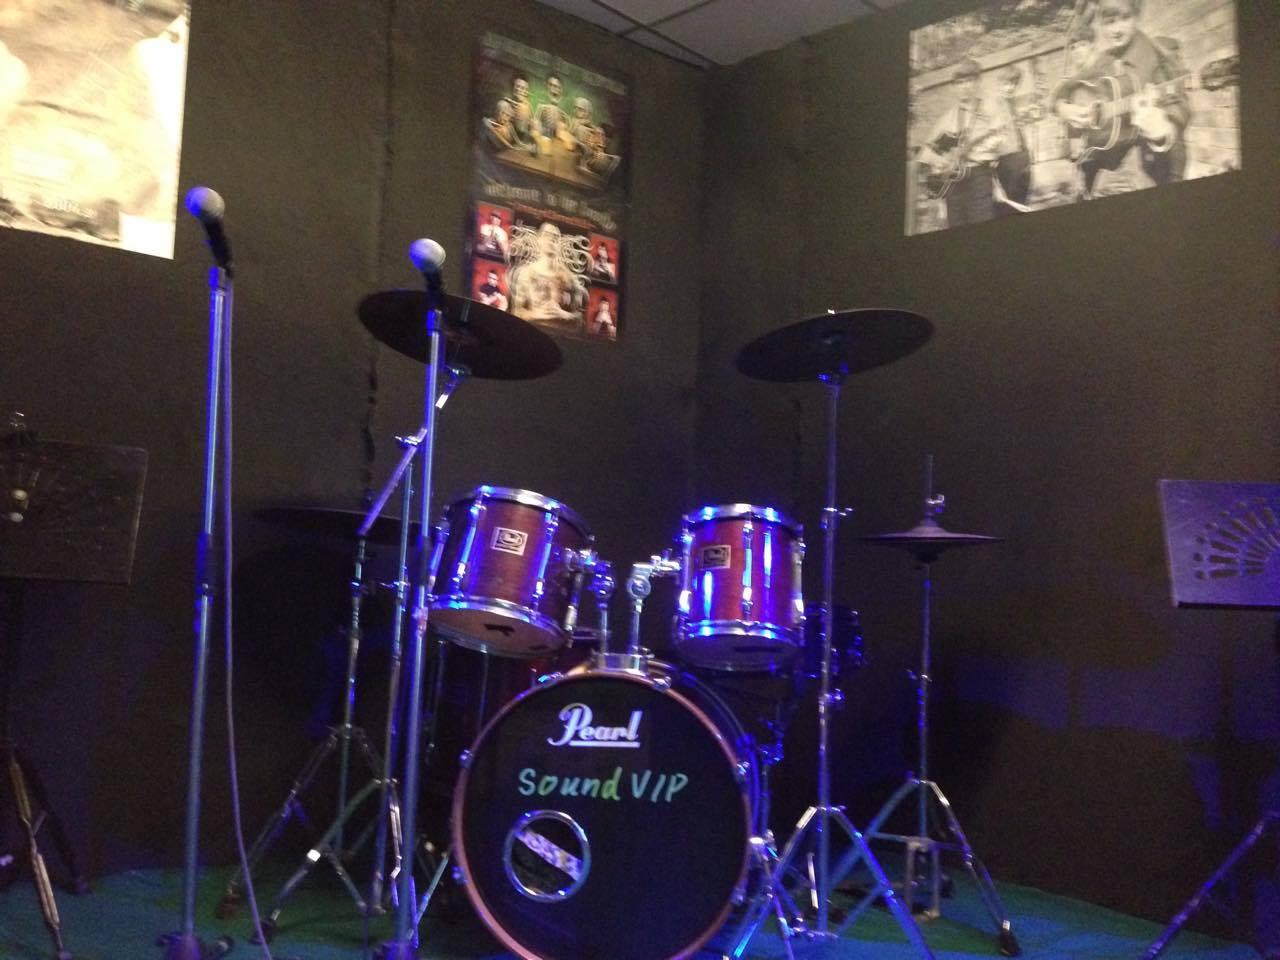 ห้องซ้อมดนตรี  Sound VIP